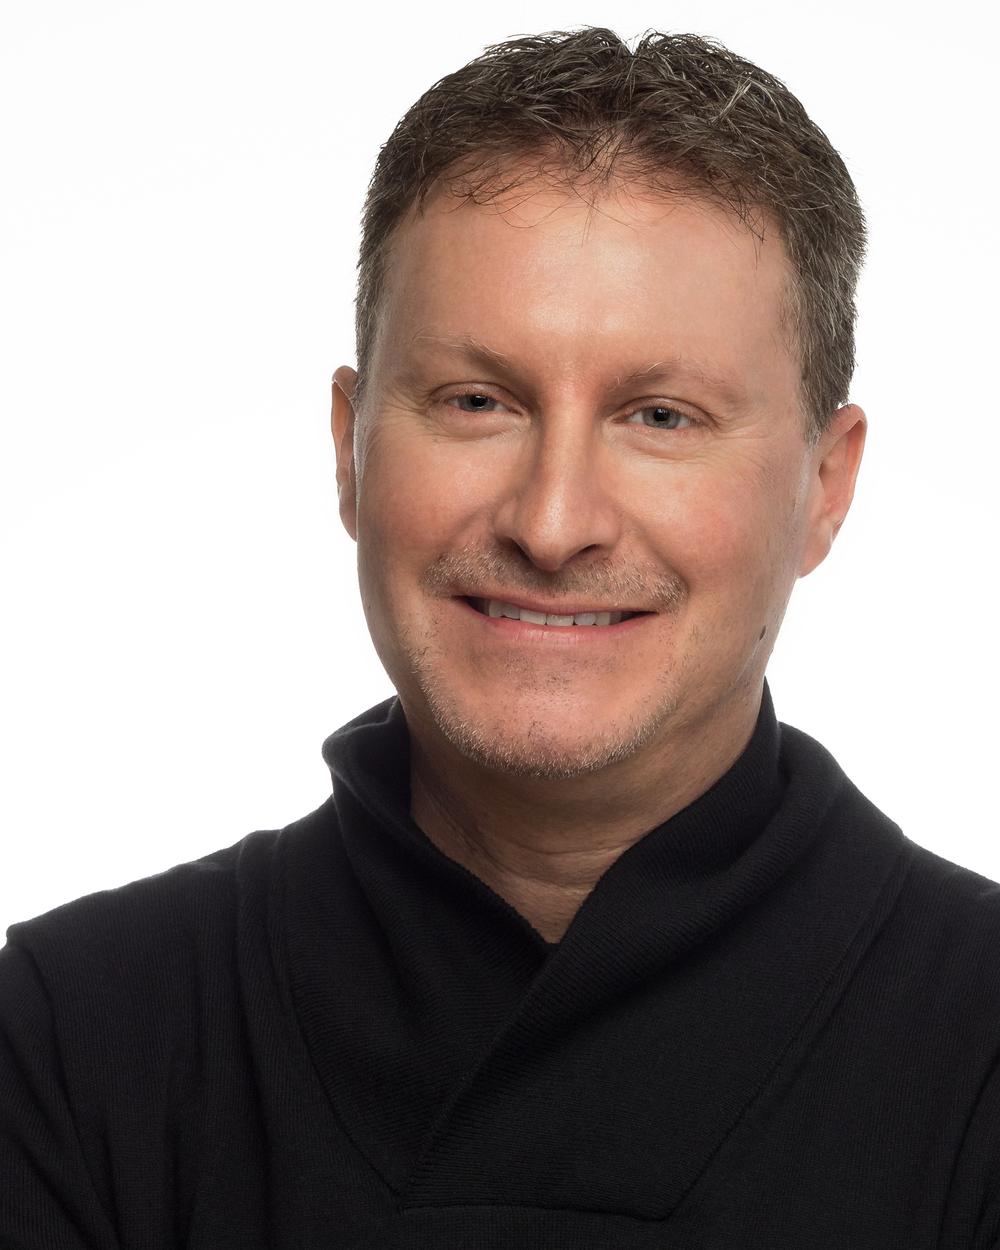 Ken Metzner